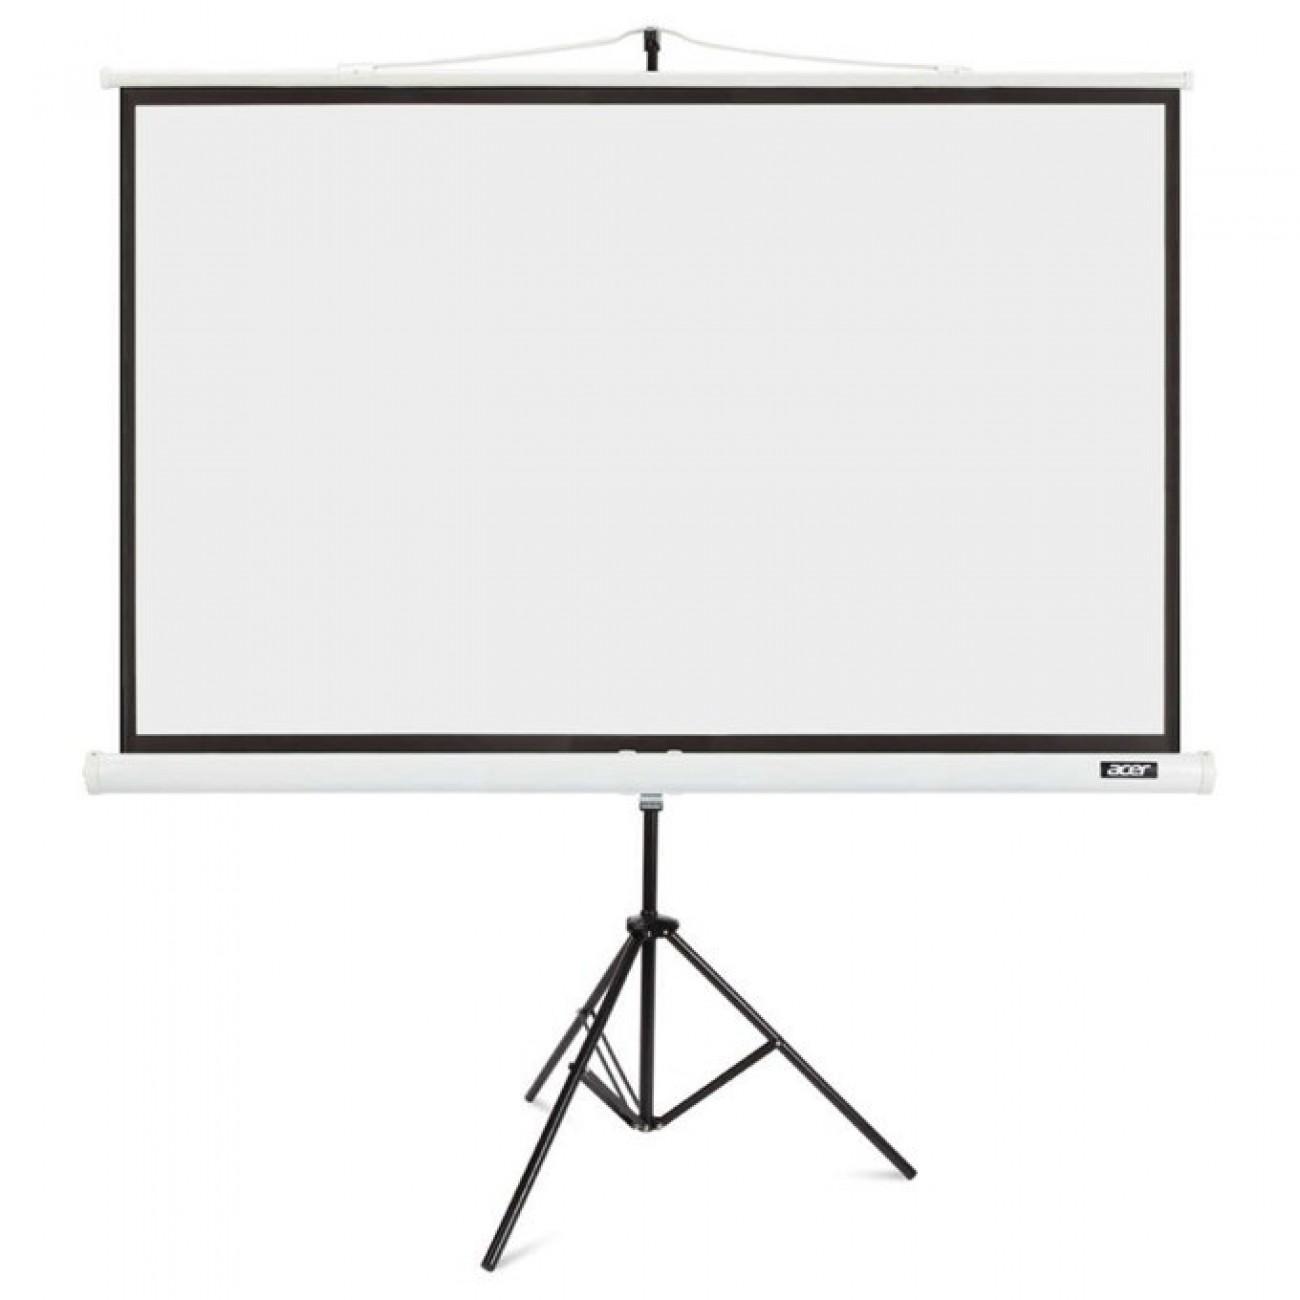 Екран Acer T82-W01MW с алуминиева стойка трипод, 82.5(209.55 cm), 174.0mm x 109.0mm, 16:10 в Екрани за проектори -  | Alleop